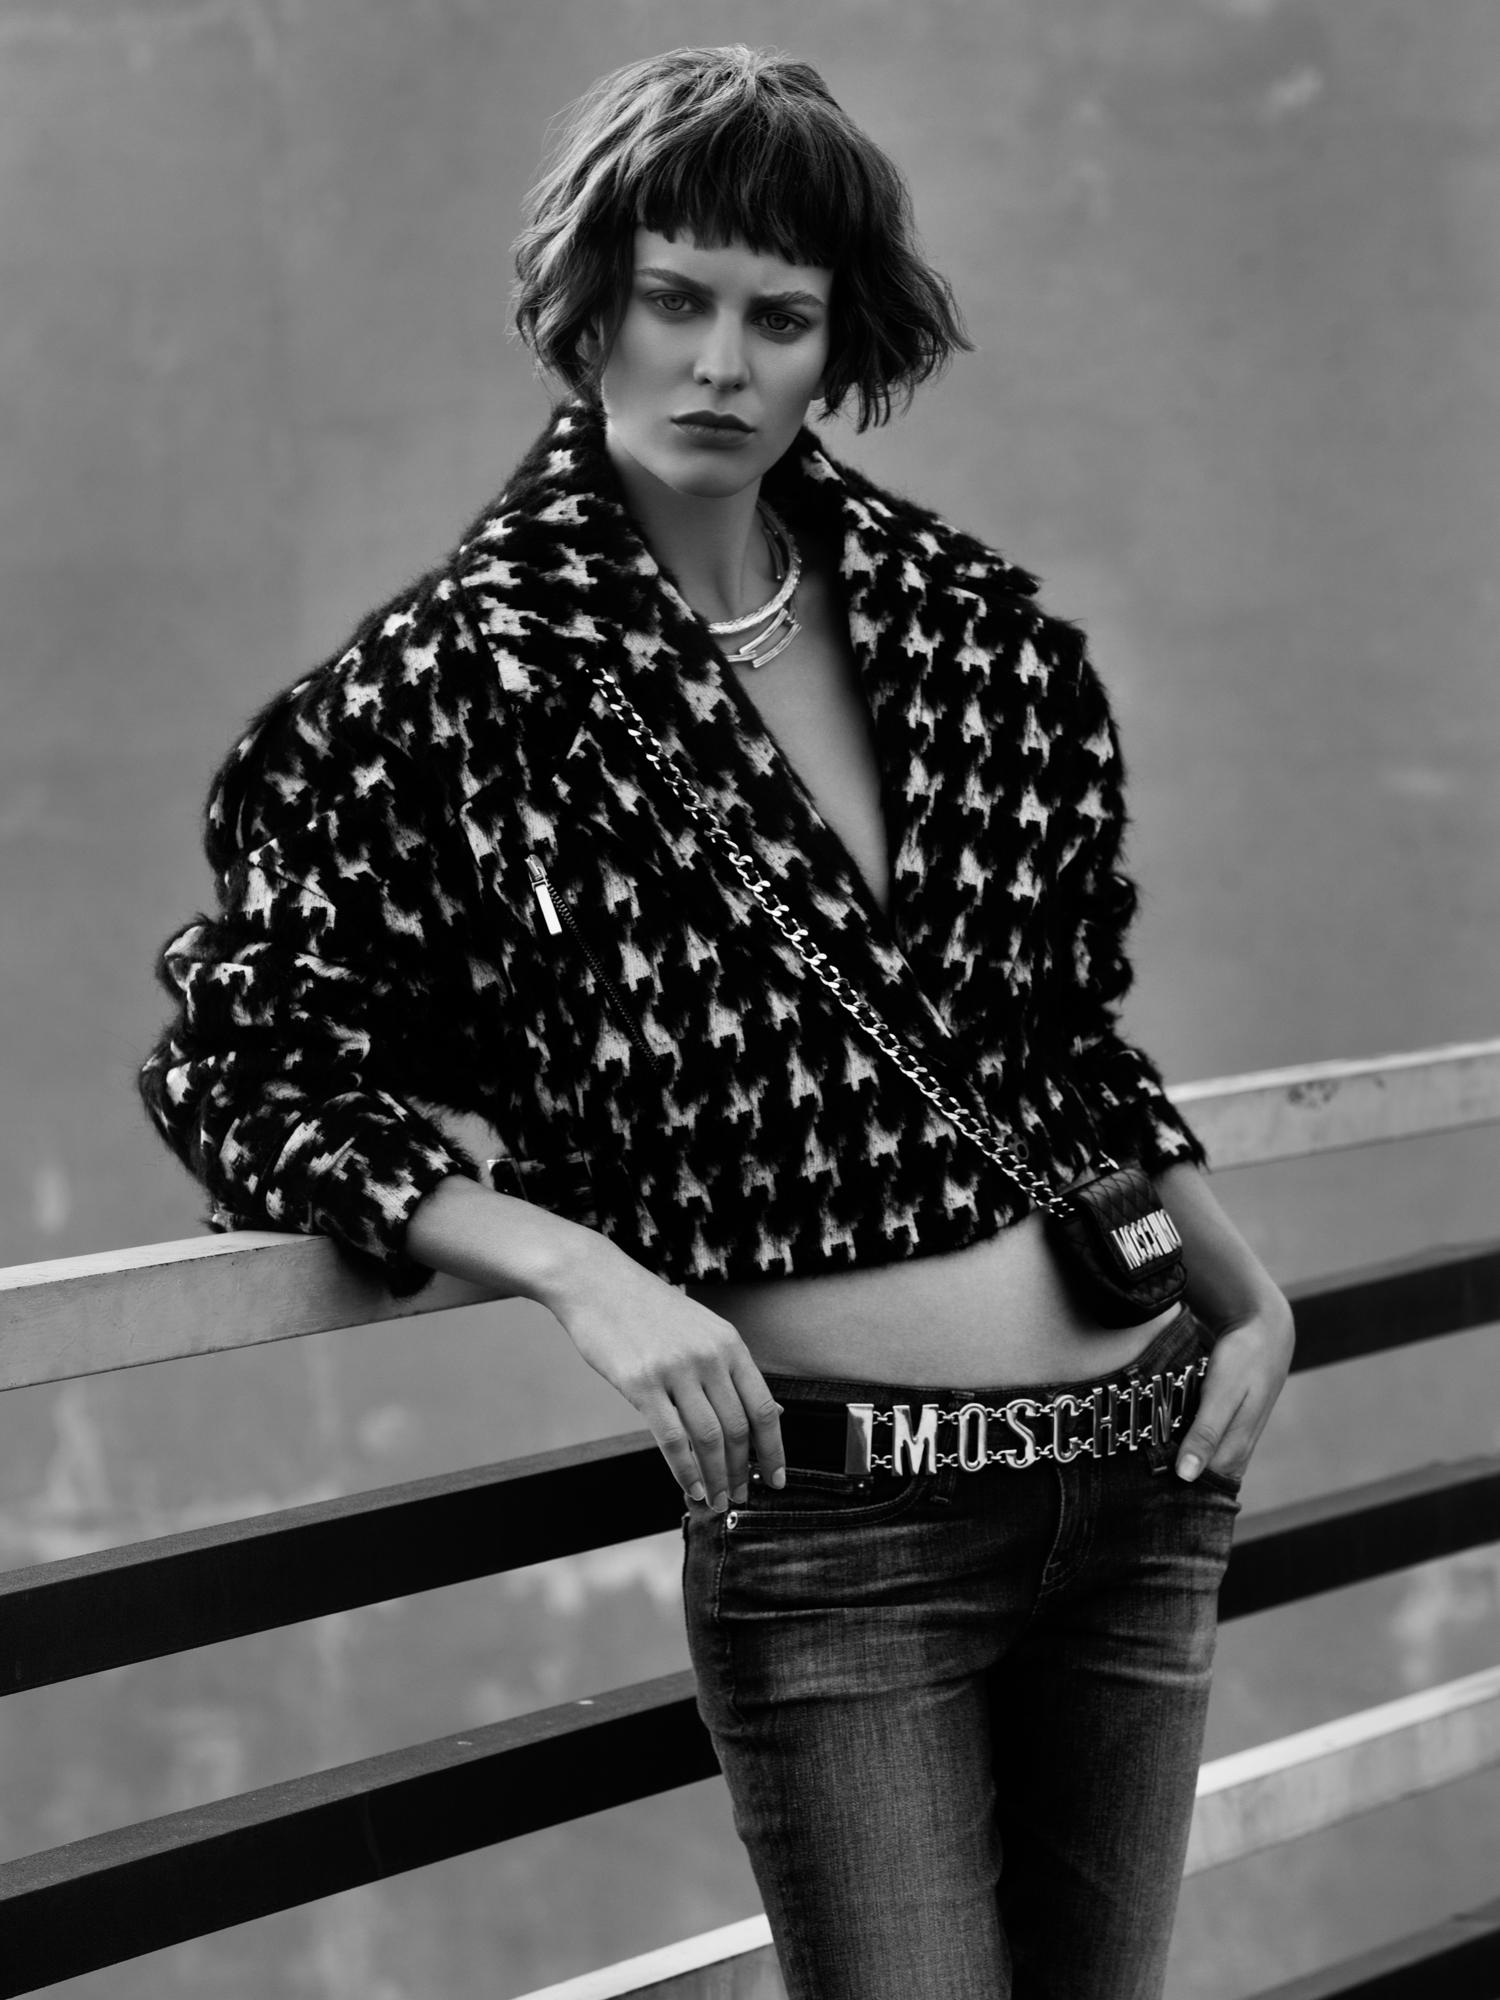 Ellinore-Erichsen-Flaunt-Magazine-15.jpg